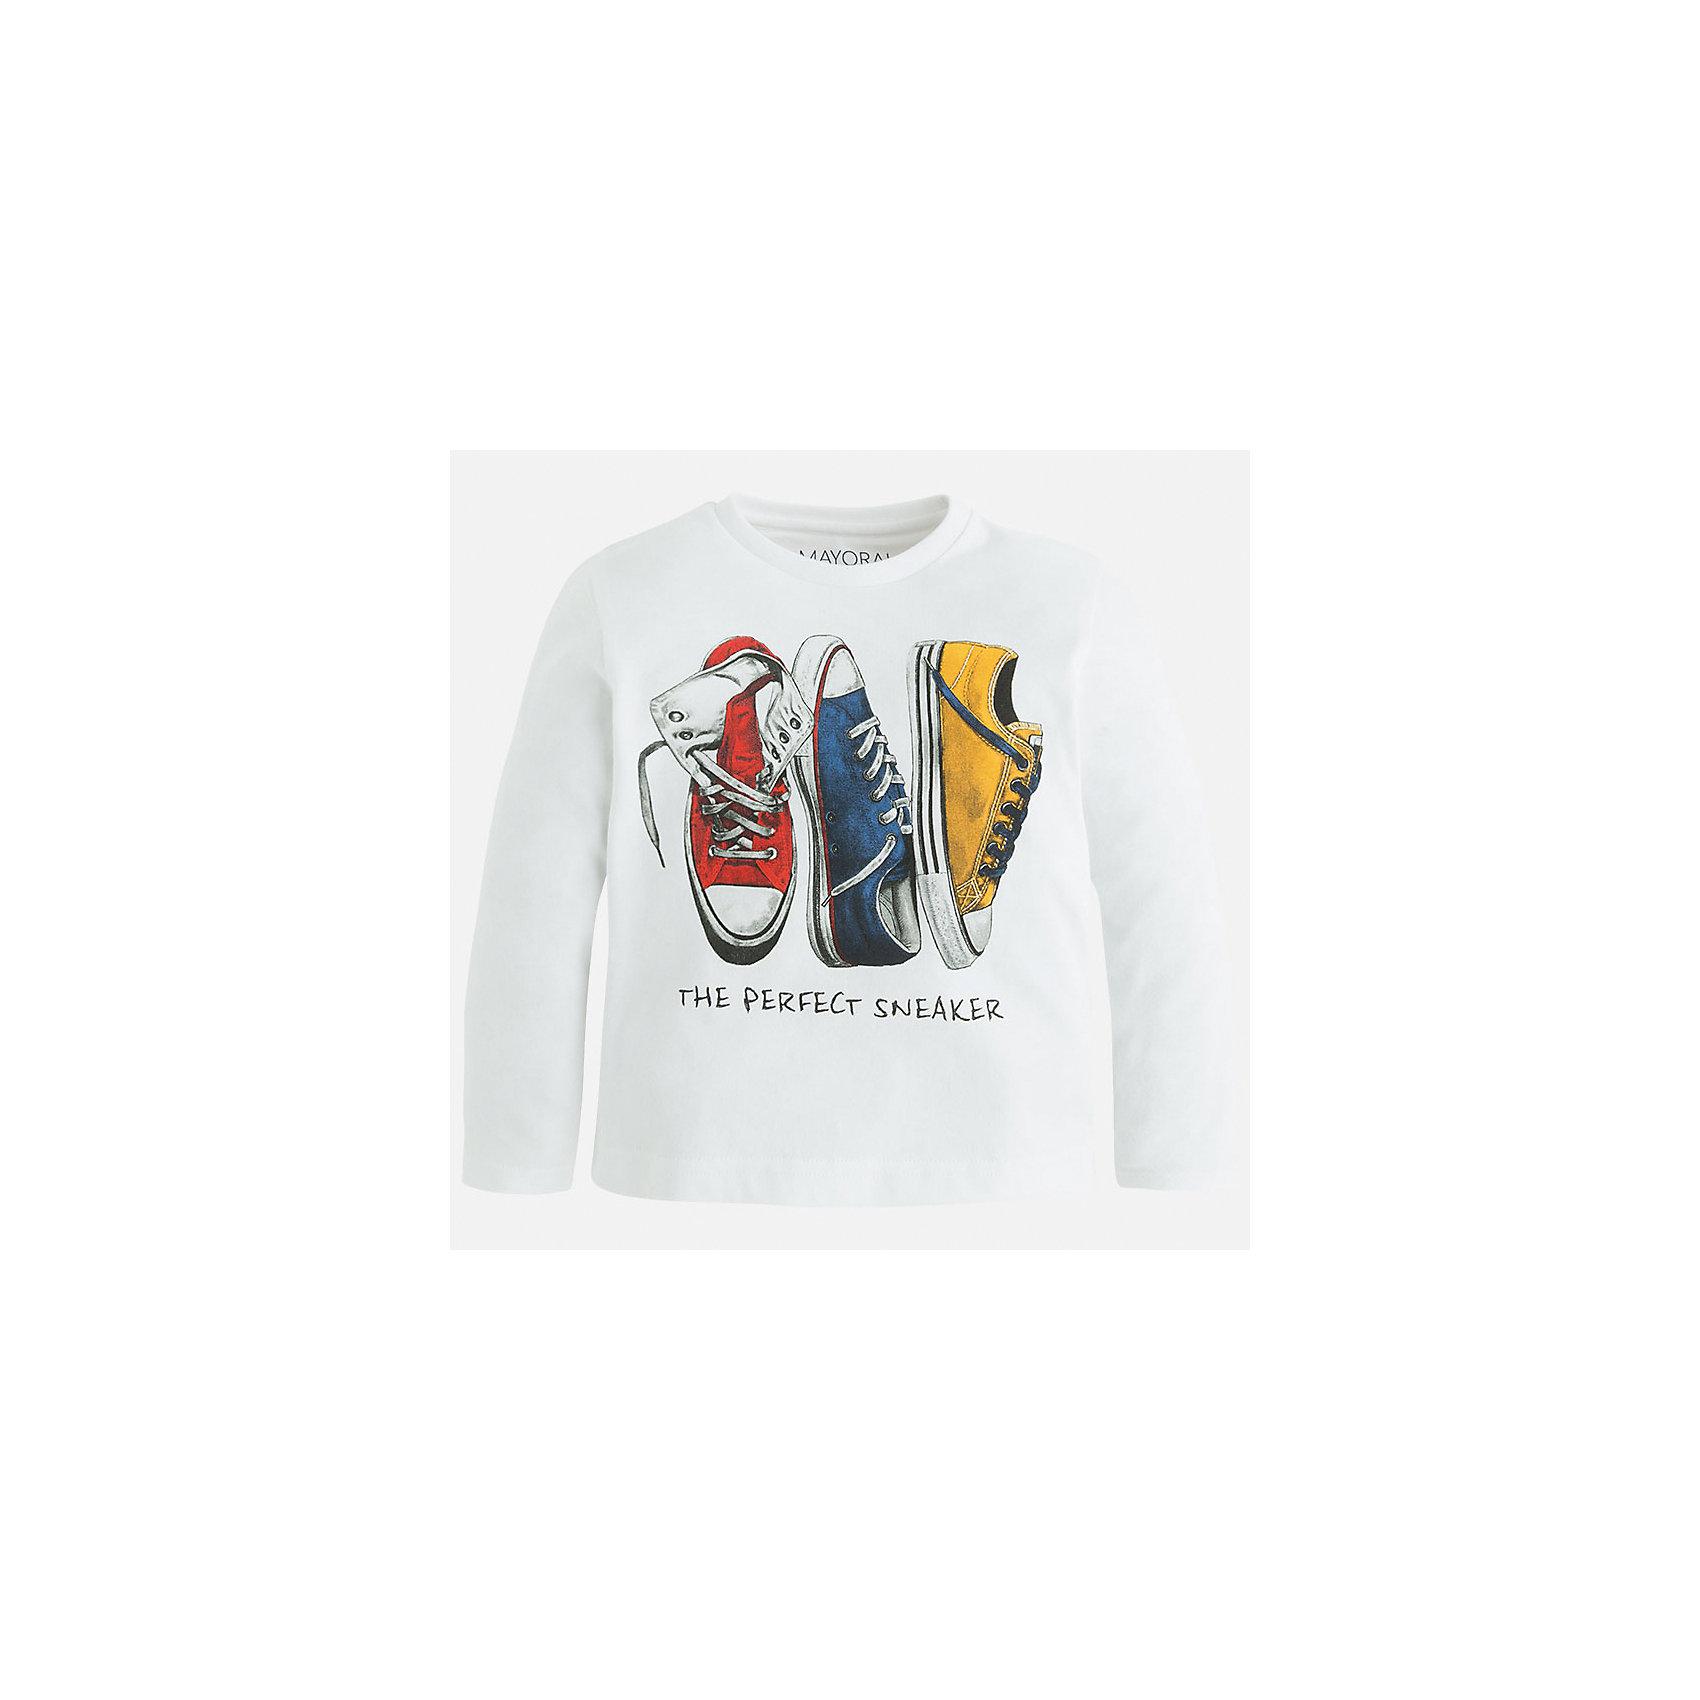 Футболка с длинным рукавом для мальчика MayoralФутболки с длинным рукавом<br>Футболка с длинным рукавом для мальчика из коллекции осень-зима 2016-2017 известного испанского бренда Mayoral (Майорал). Стильная и удобная хлопковая футболка на каждый день. Приятный молочно-белый цвет футбоки прекрасно сочетается с дизайном принта и придет по вкусу вашему чемпиону. Футболка имеет округлую горловину и отлично подойдет как к джинсам, так и к штанам спортивного стиля. <br><br>Дополнительная информация:<br><br>- Рукав: длинный<br>- Силуэт: прямой<br>Состав: 100% хлопок<br><br>Футболку с длинным рукавом для мальчиков Mayoral (Майорал) можно купить в нашем интернет-магазине.<br><br>Подробнее:<br>• Для детей в возрасте: от 10 до 14 лет<br>• Номер товара: 4847811<br>Страна производитель: Китай<br><br>Ширина мм: 230<br>Глубина мм: 40<br>Высота мм: 220<br>Вес г: 250<br>Цвет: белый<br>Возраст от месяцев: 96<br>Возраст до месяцев: 120<br>Пол: Мужской<br>Возраст: Детский<br>Размер: 134,116,104,110,122,98,128<br>SKU: 4847810